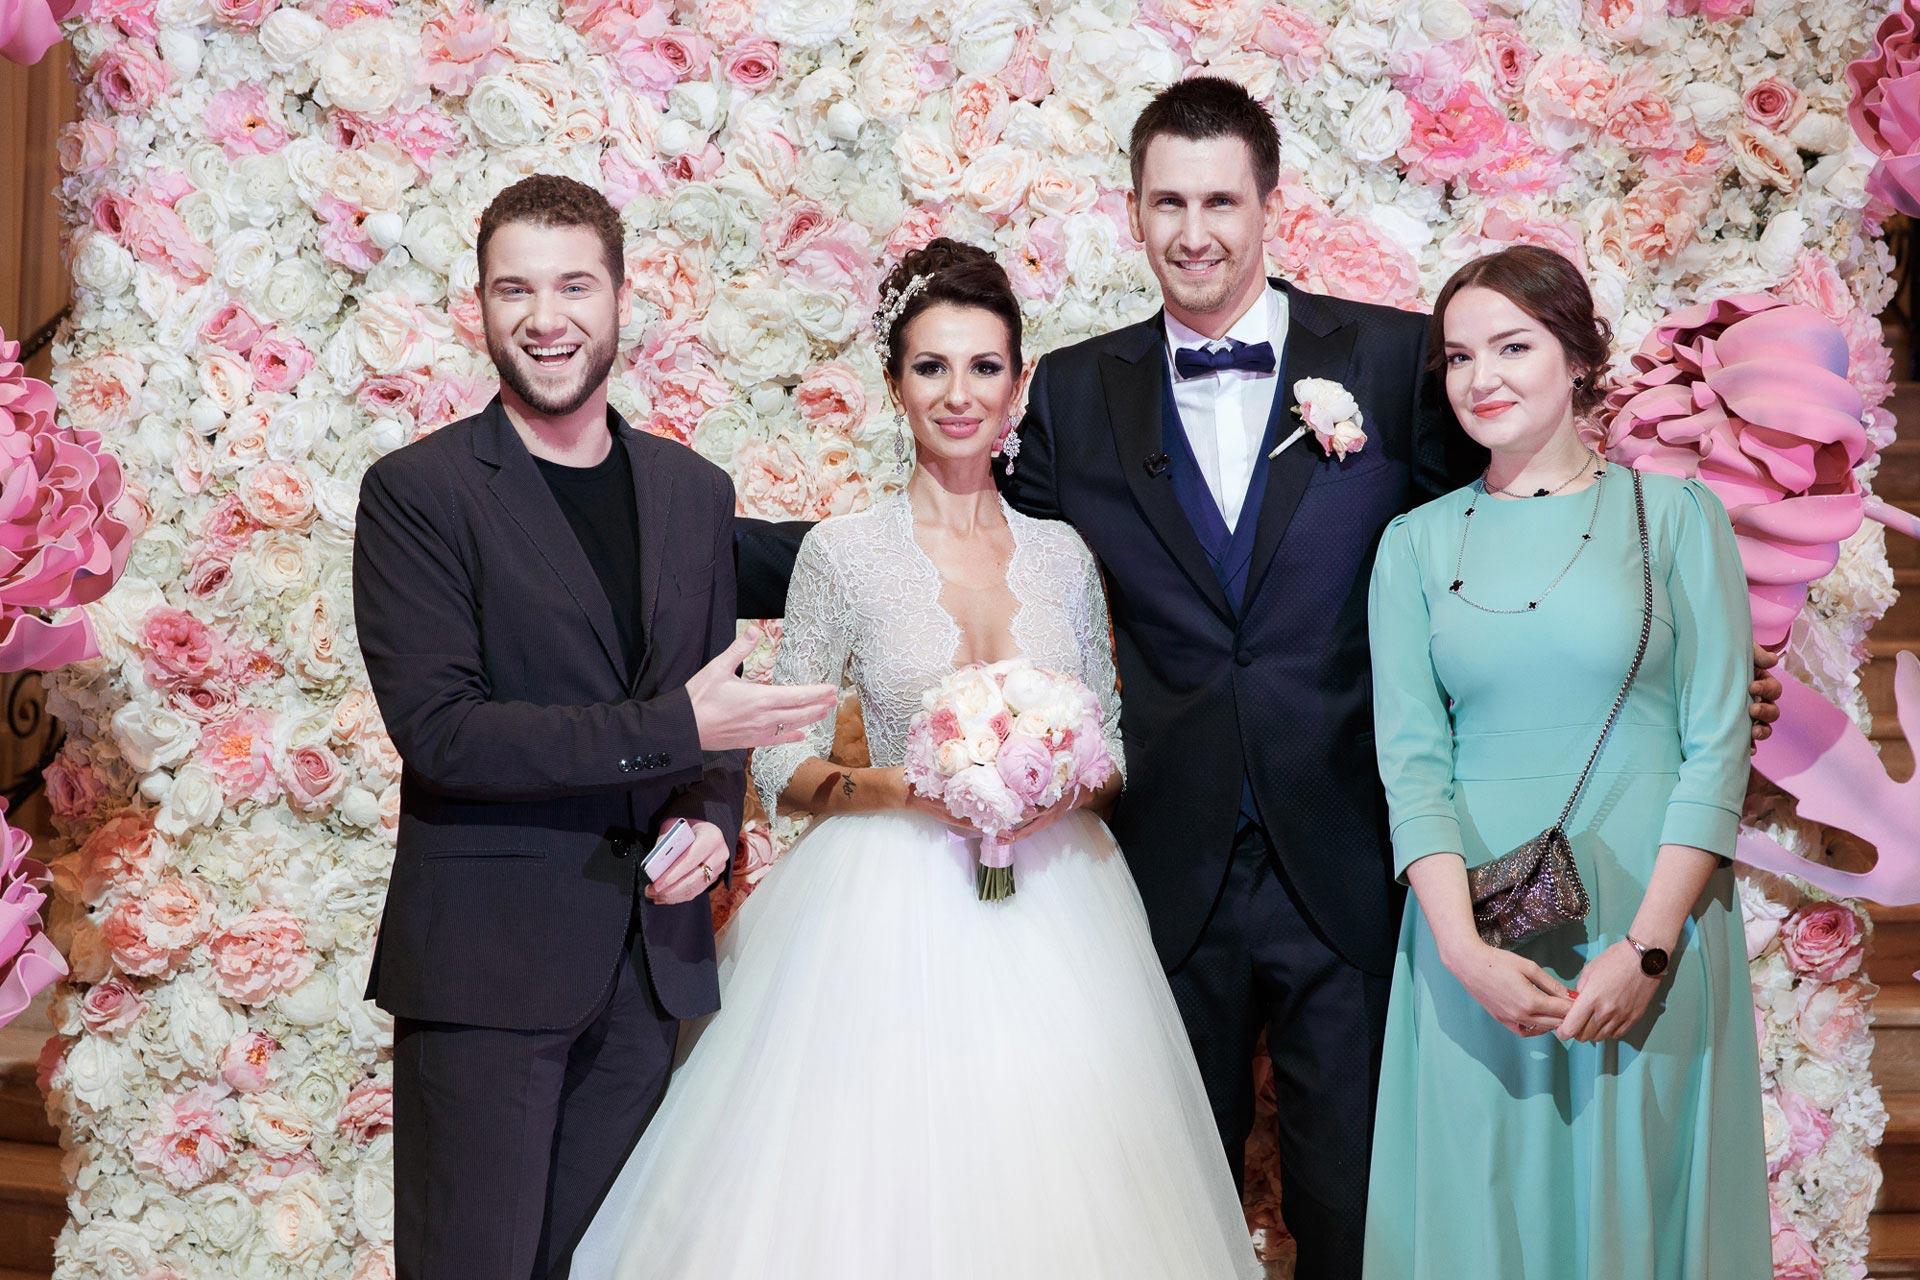 Пионовая свадьба. Свадьба Анны Грачевской и Артема Кузякина фото 37